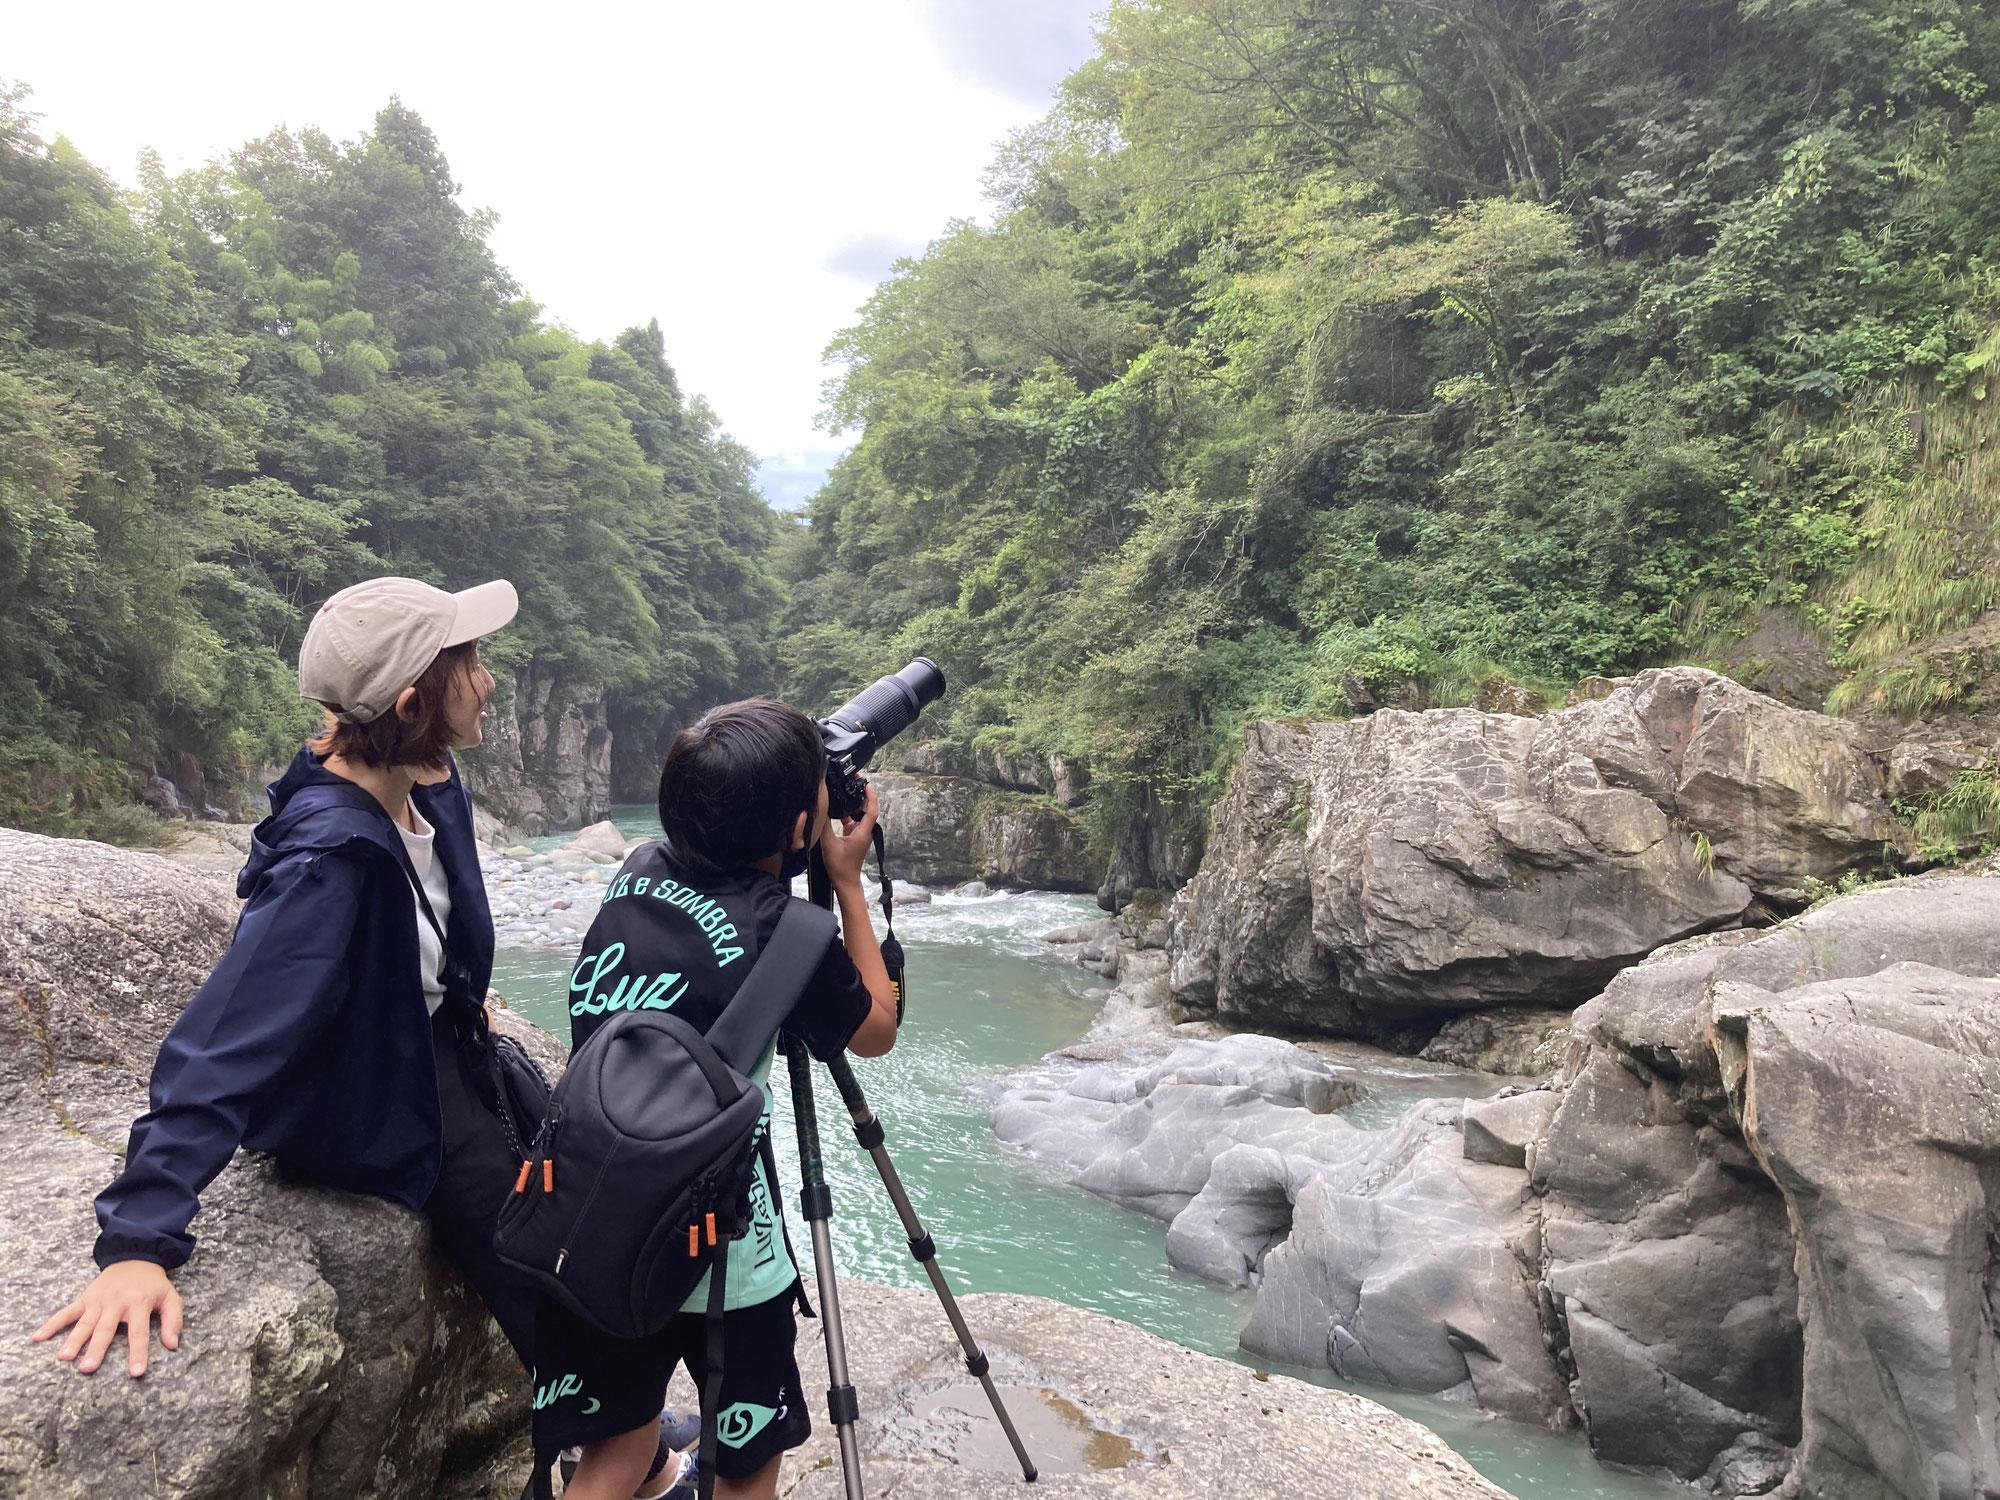 綿ヶ滝での撮影会